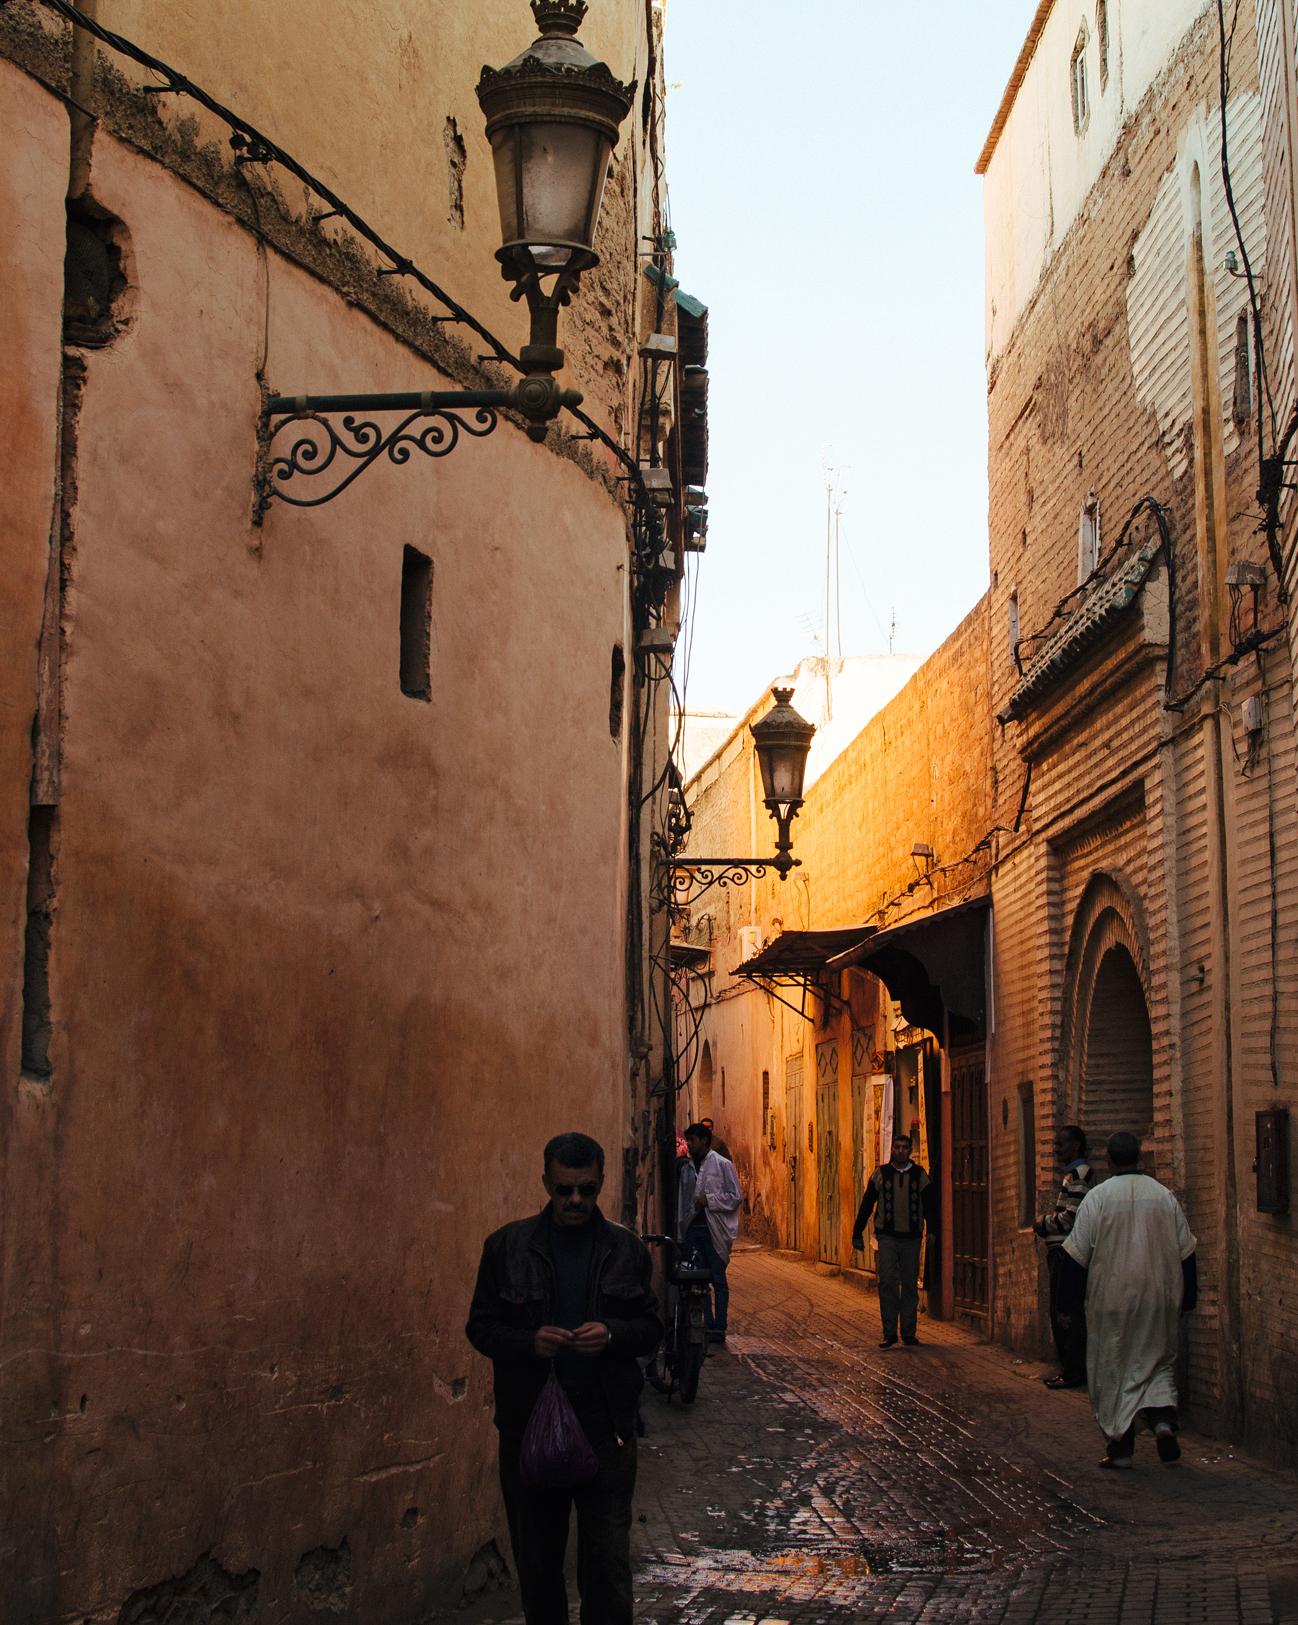 morocco-honeymoon-marrakech-dsc0016-0914.jpg